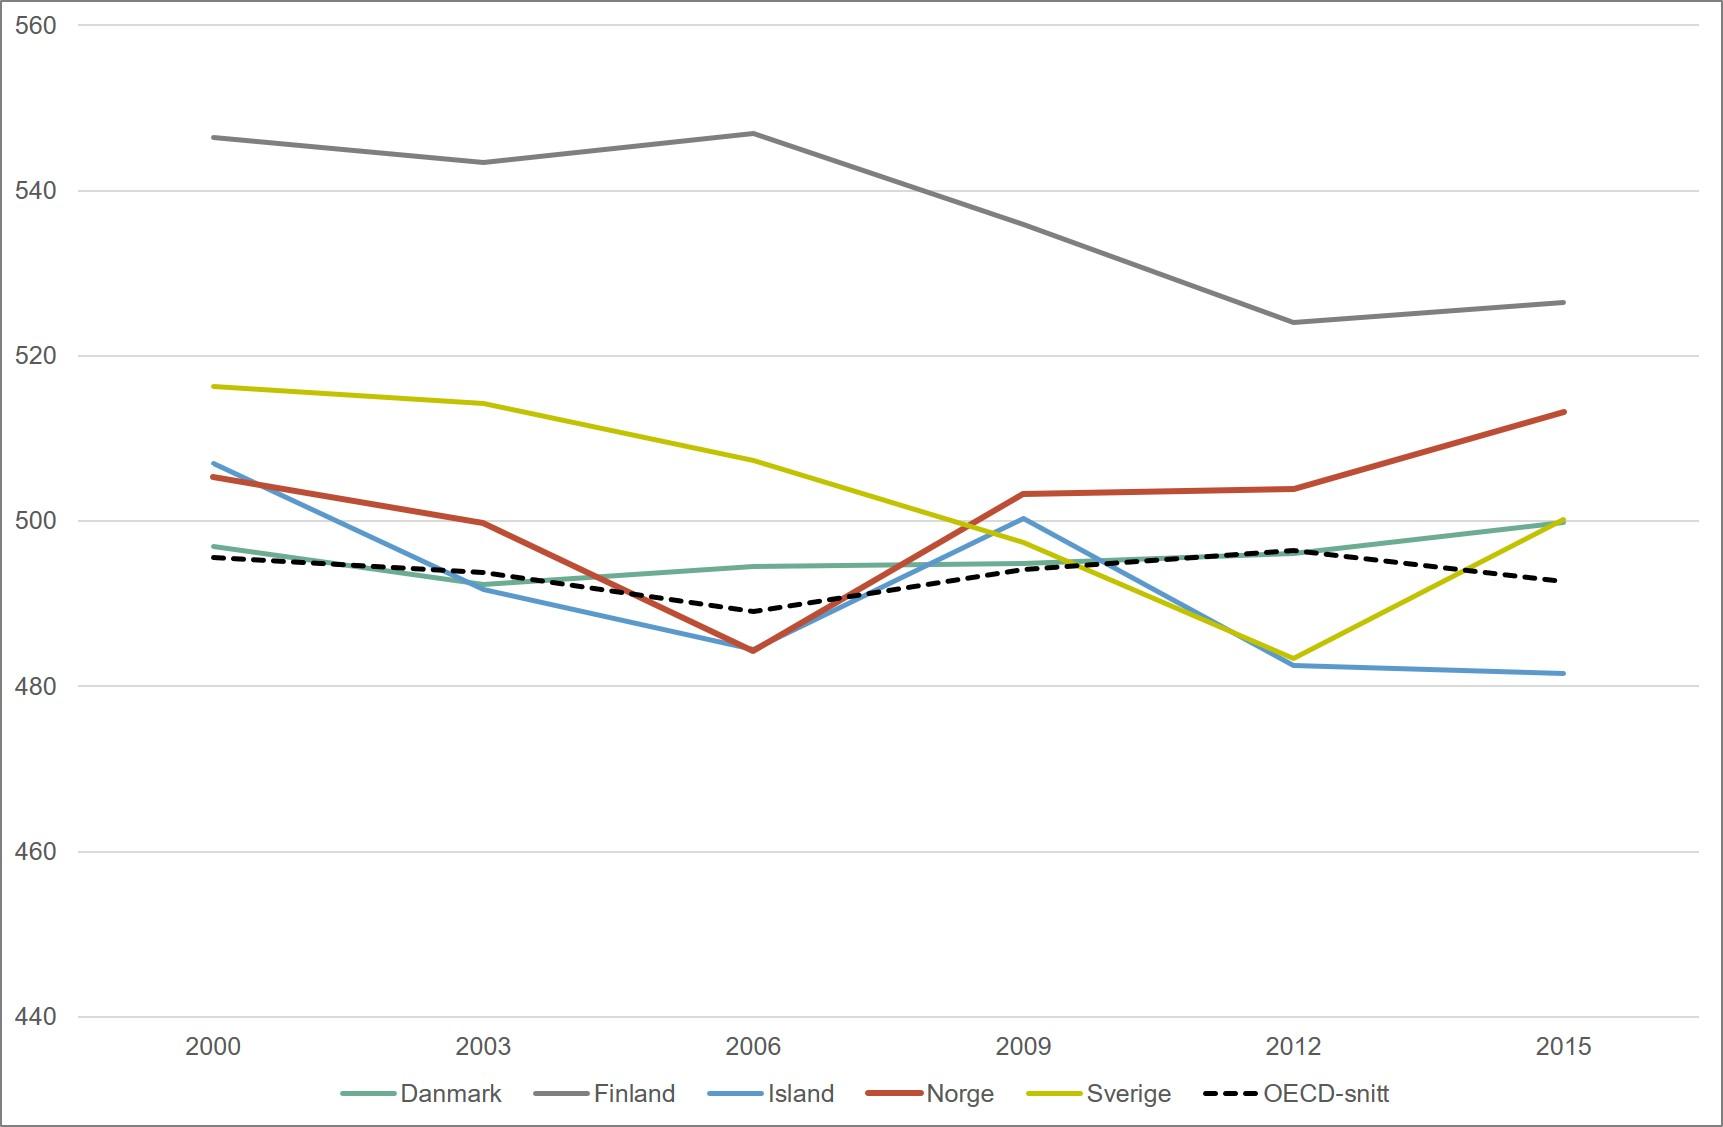 Gjennomsnittsskår fra PISA-testen i lesing. Nordiske land og OECD. 2000-2015. Merknad: Skalaen begynner på 440.